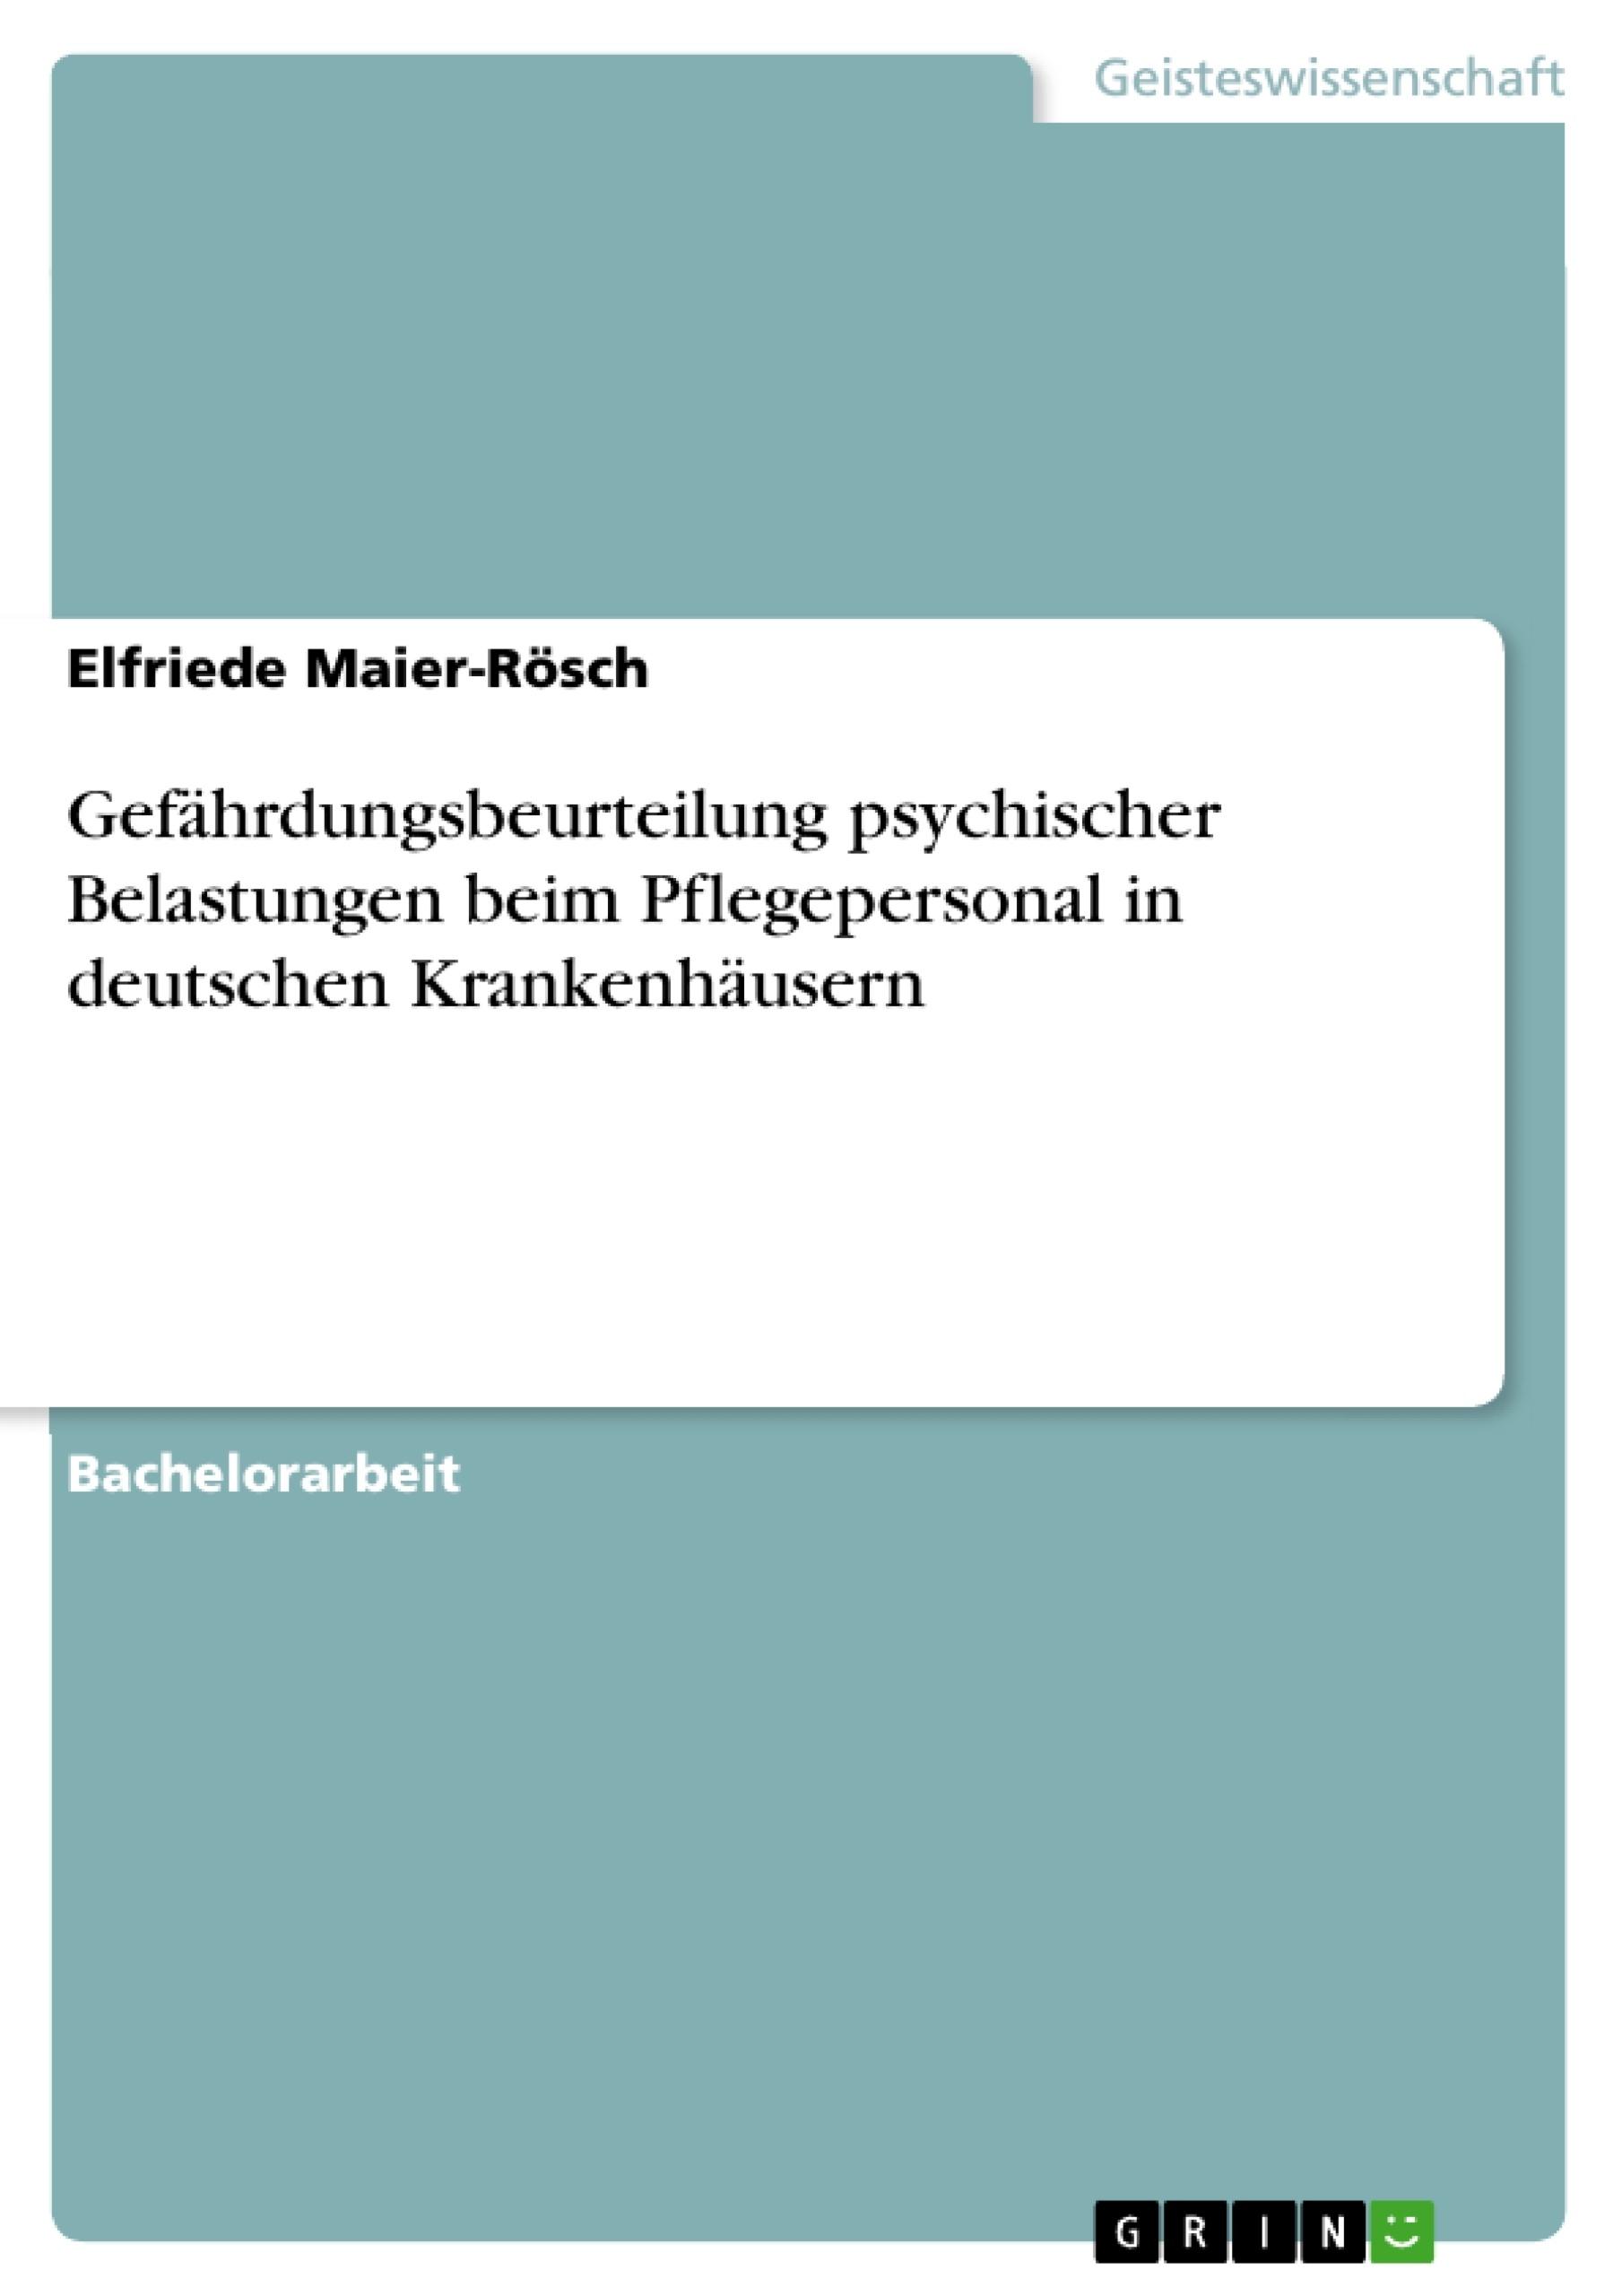 Titel: Gefährdungsbeurteilung psychischer Belastungen beim Pflegepersonal in deutschen Krankenhäusern